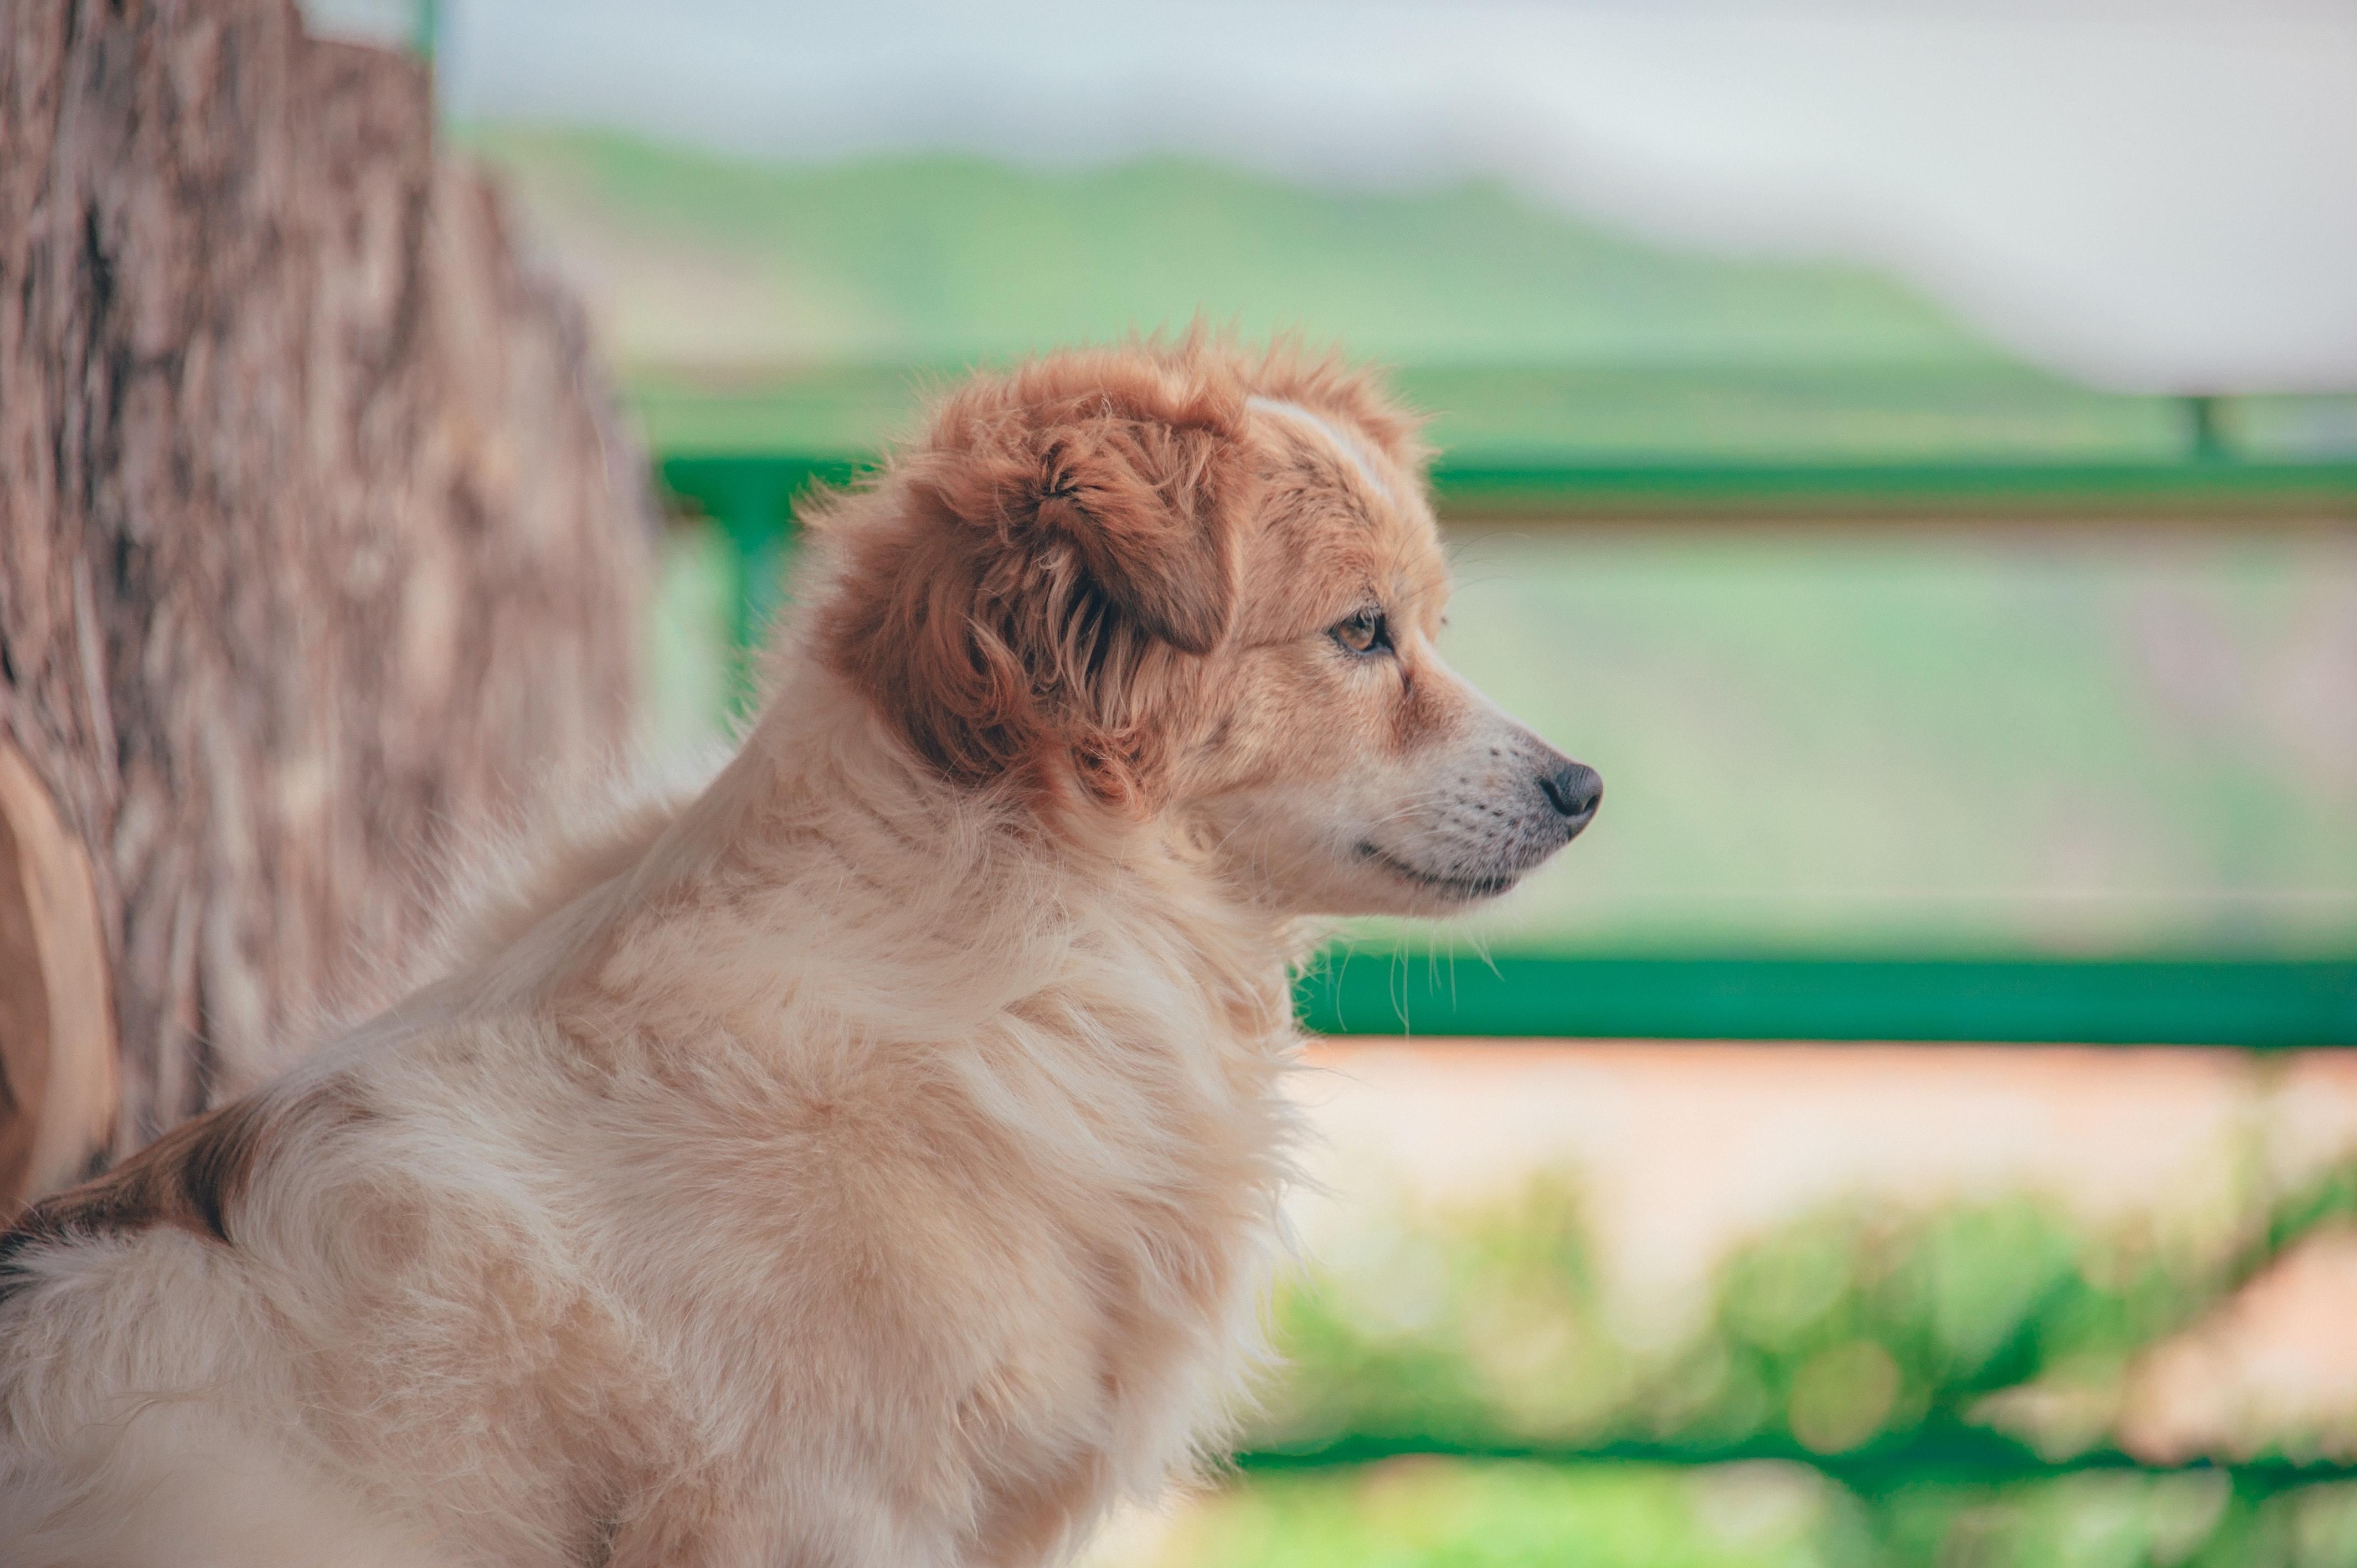 Long-coated dog photo